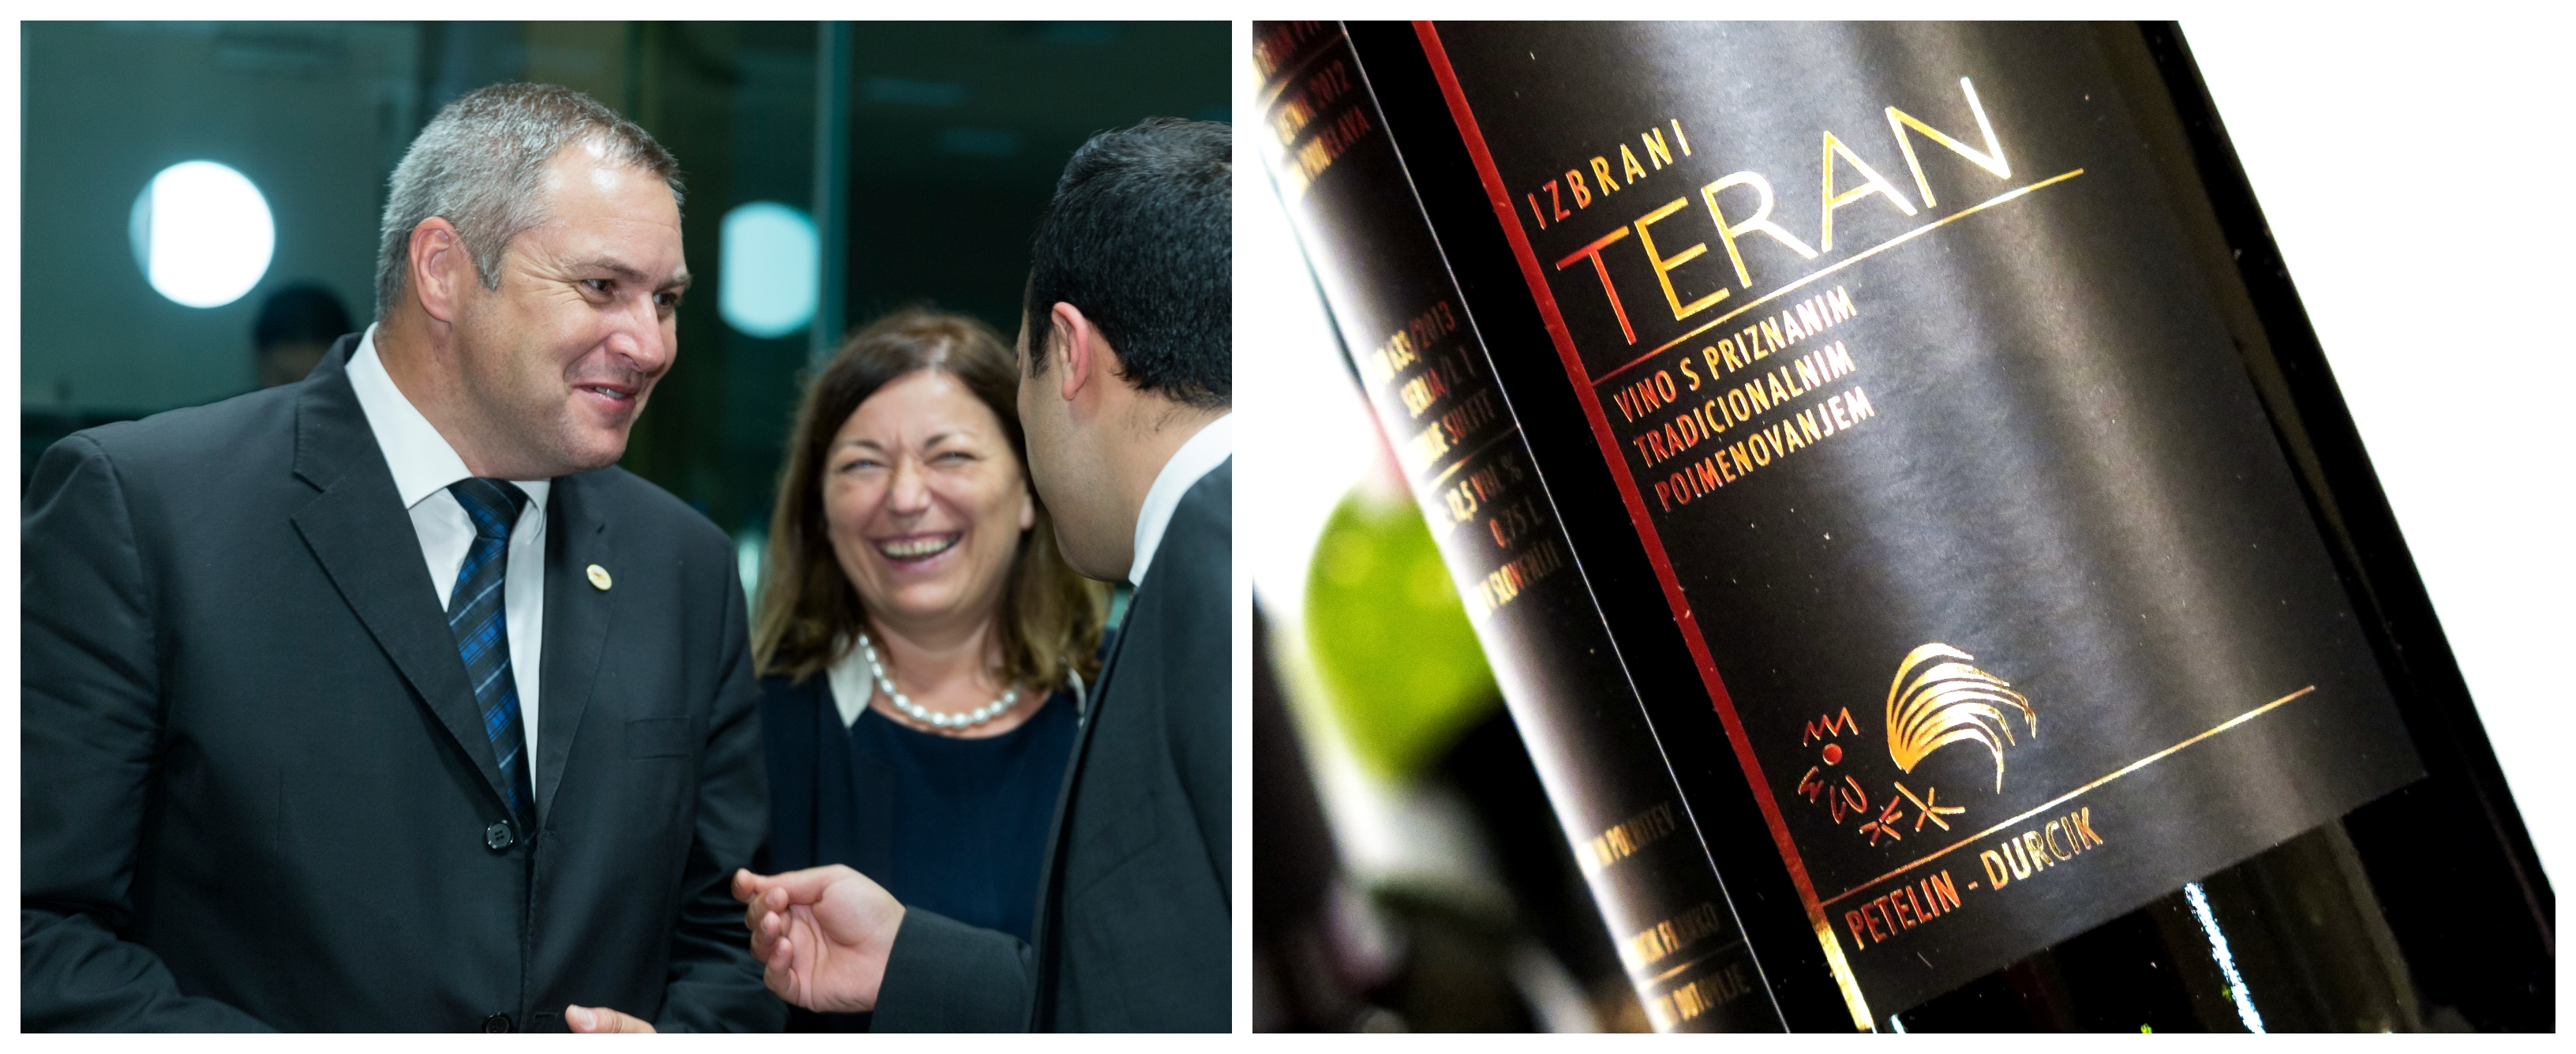 Zaradi neresnosti takratnega kmetijskega ministra Dejana Židana in njegovih uradnikov je Hrvaška dosegla začasno zaščito slovenskega avtohtonega vina teran. (Foto: STA)